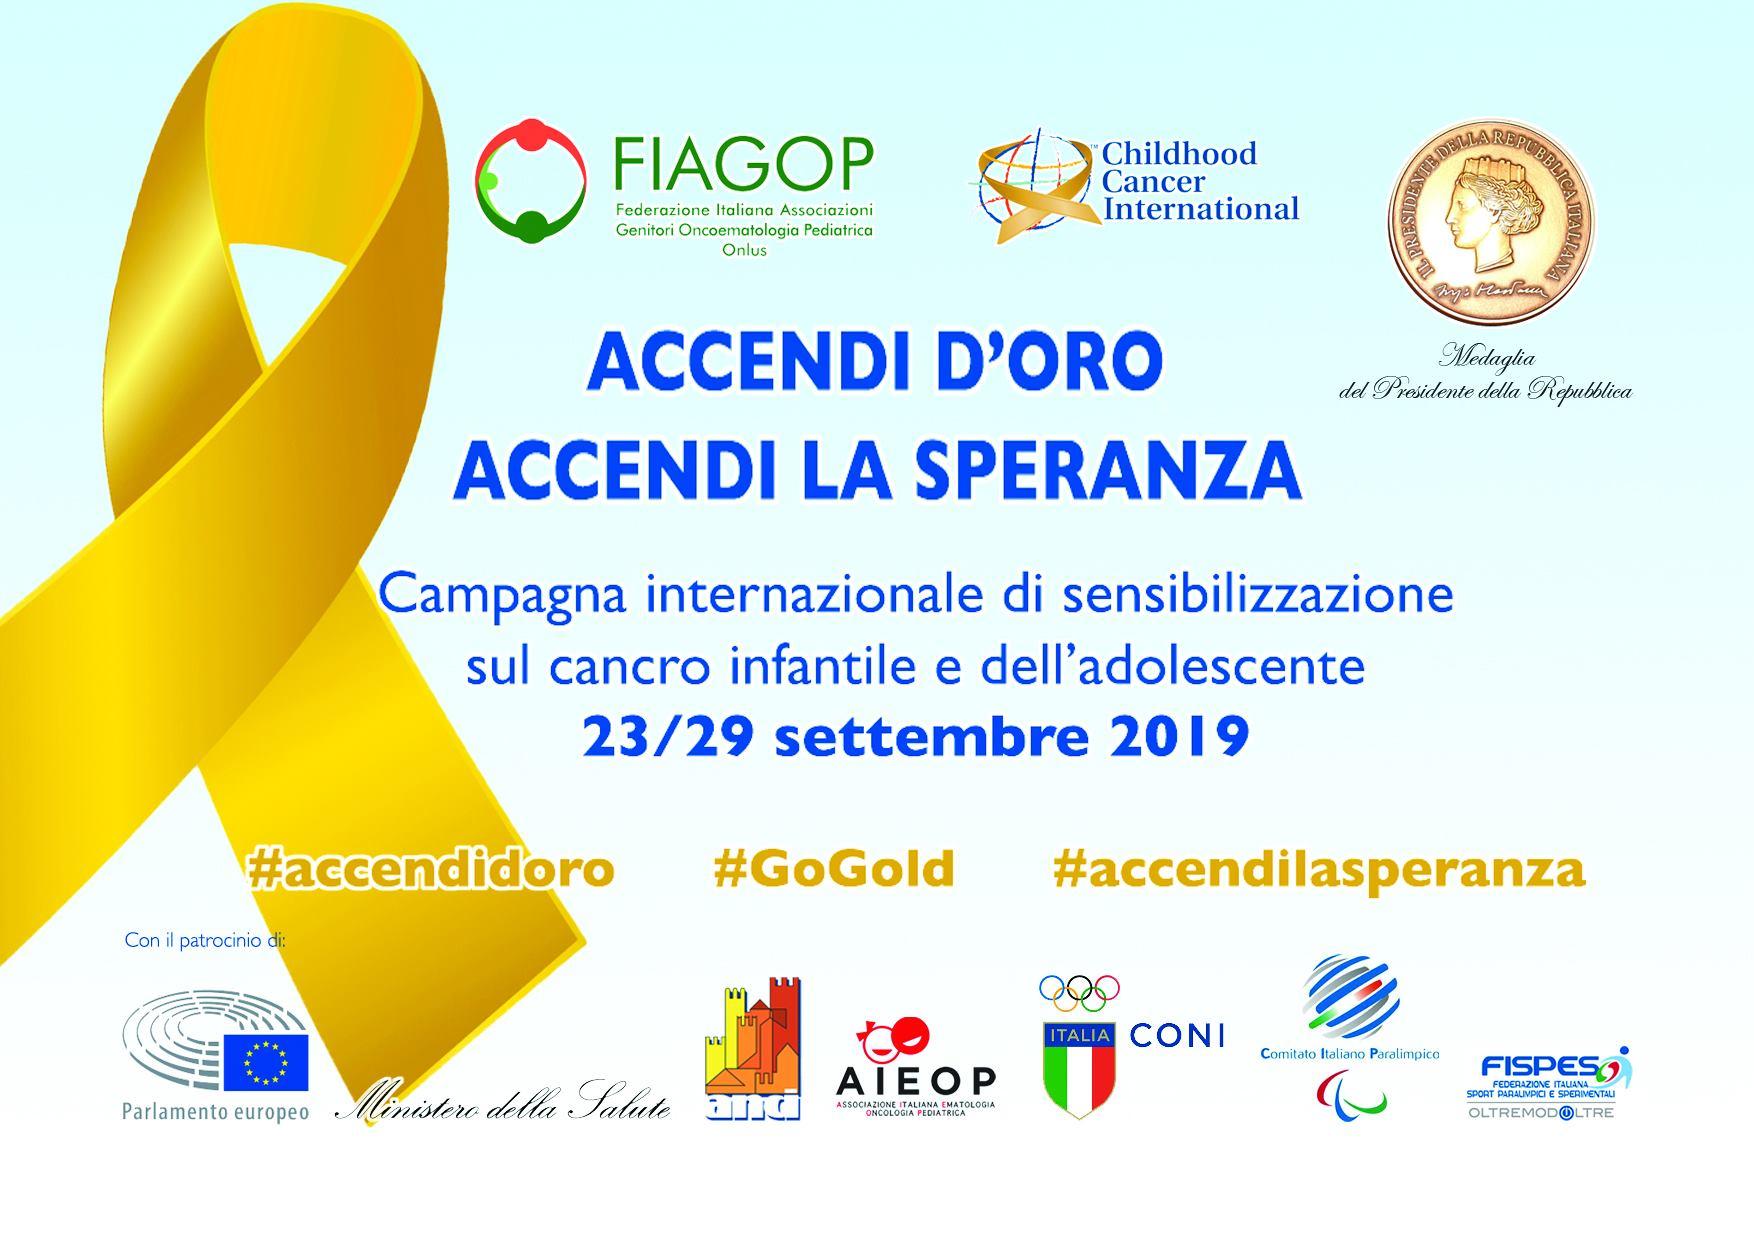 ACCENDI D'ORO, ACCENDI LA SPERANZA 23-29 SETTEMBRE 2019